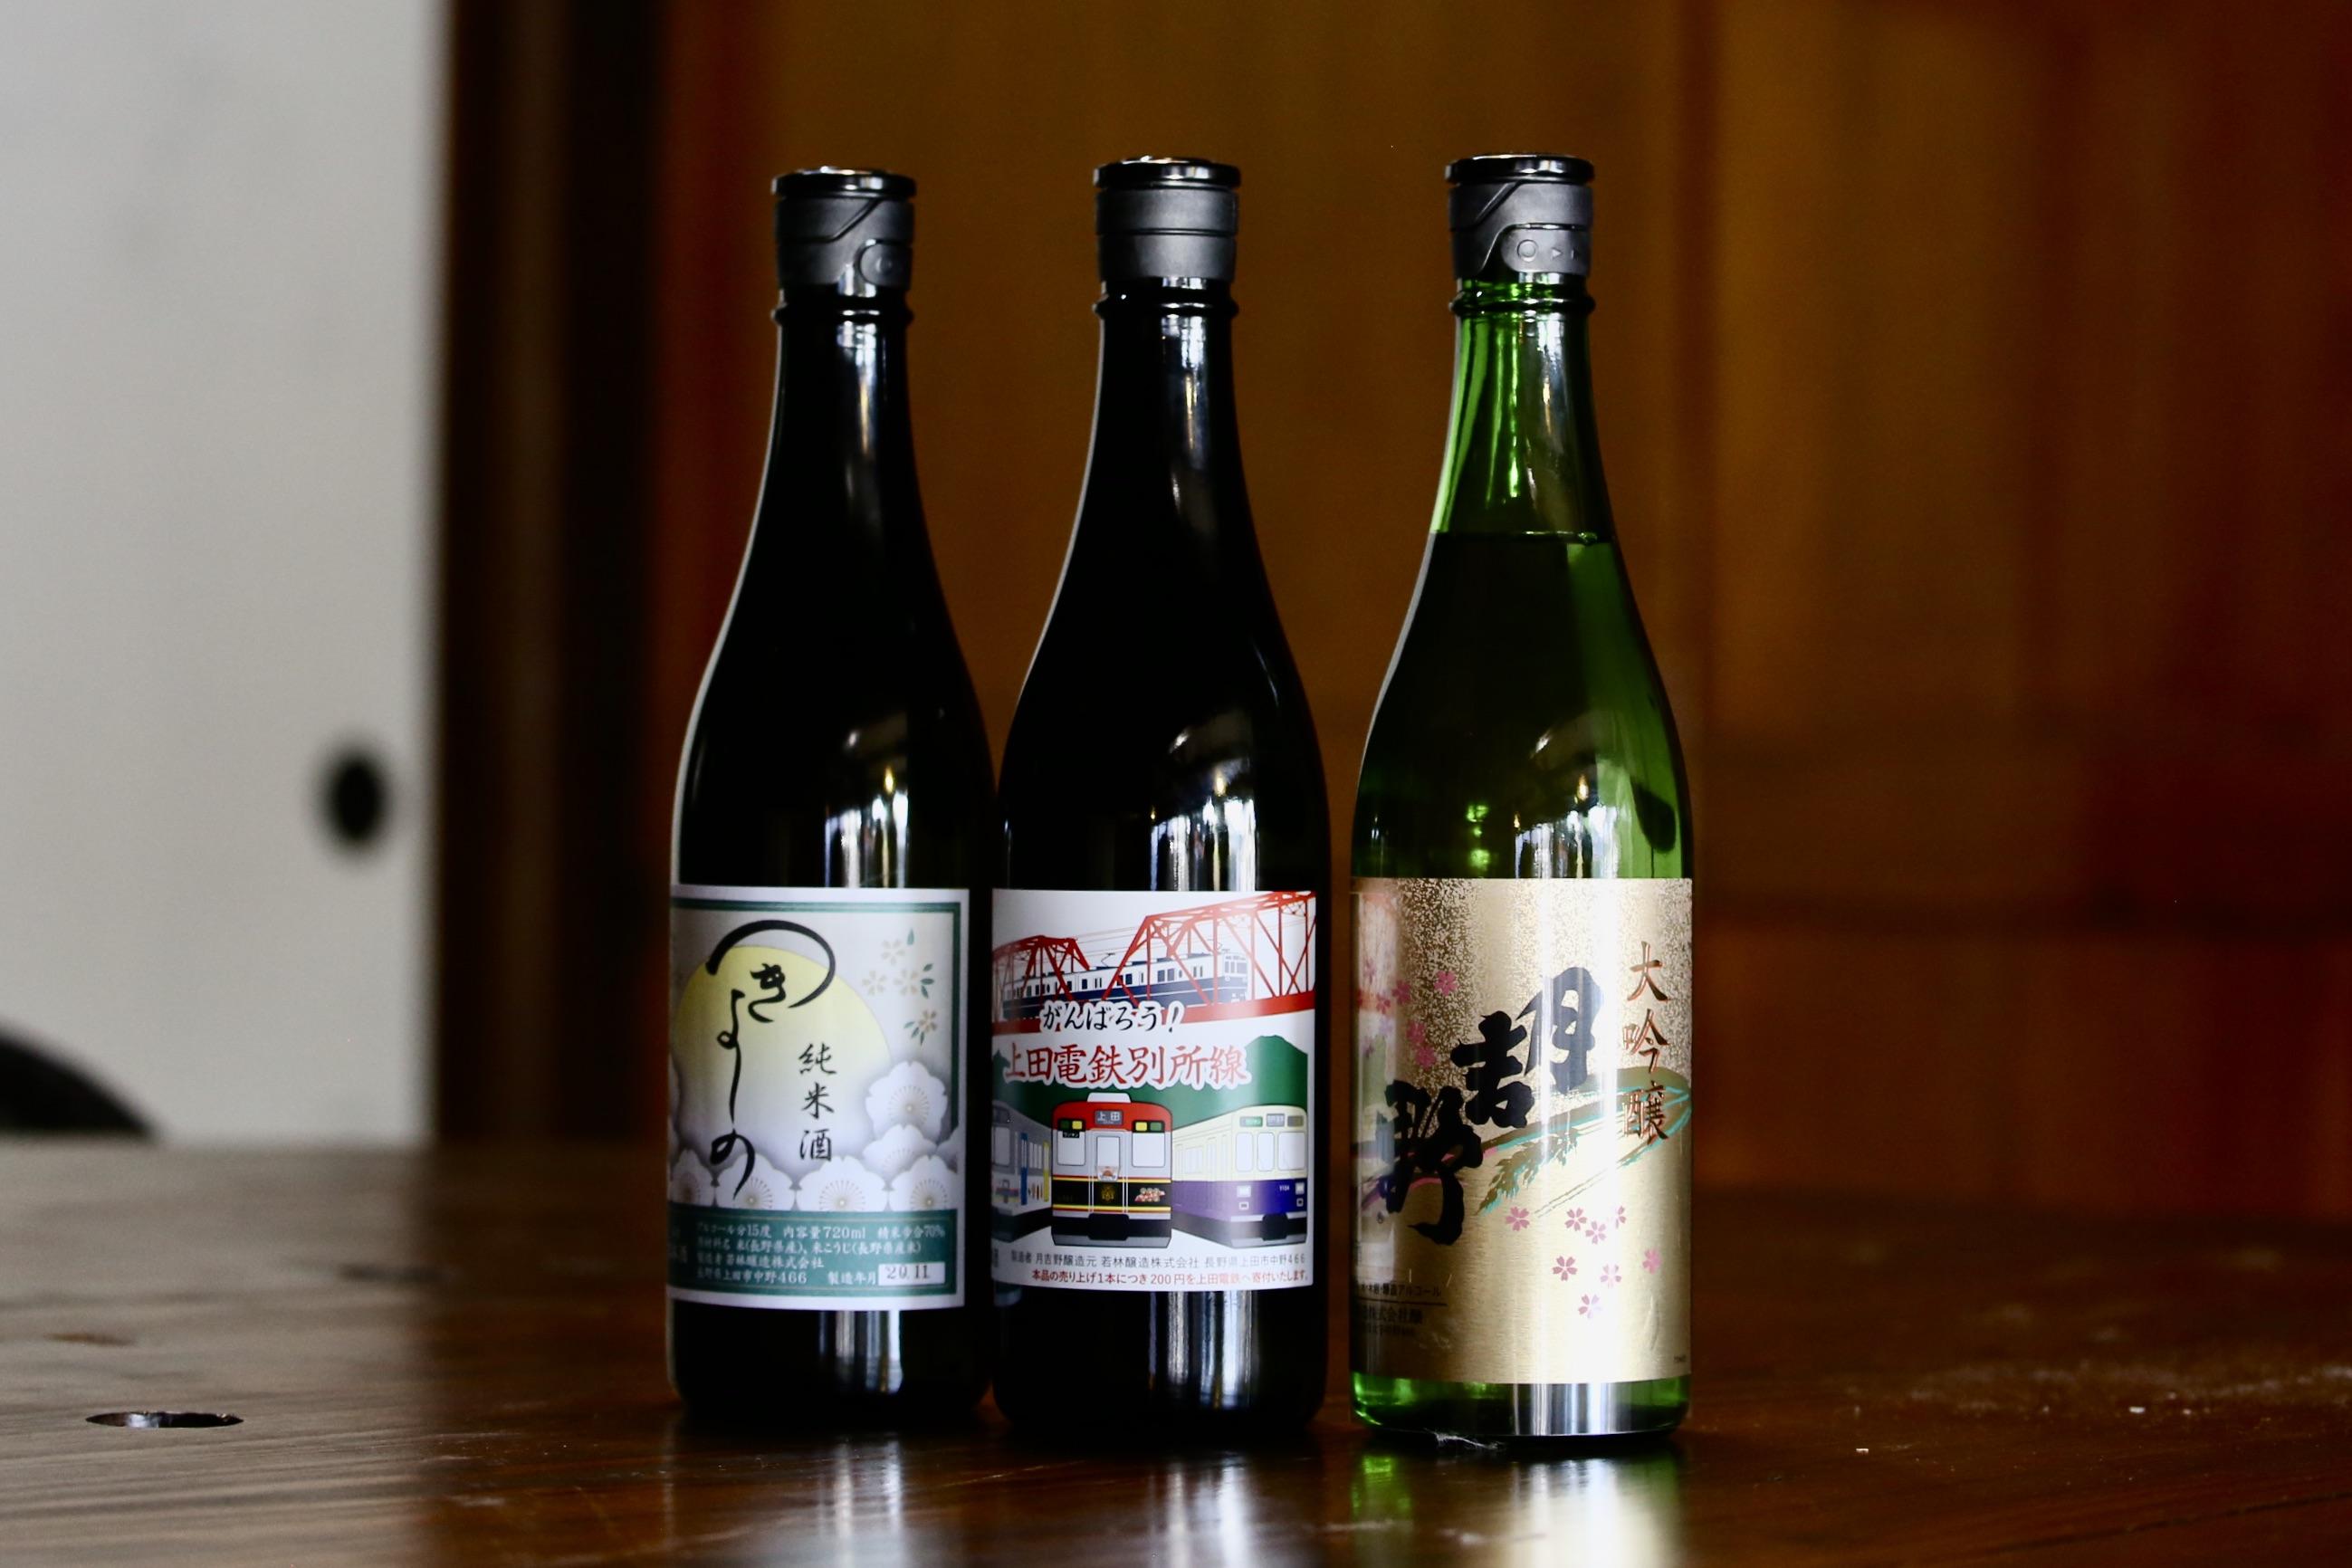 別所線の復興を応援!オリジナルのお酒と上田産の日本酒三本セット